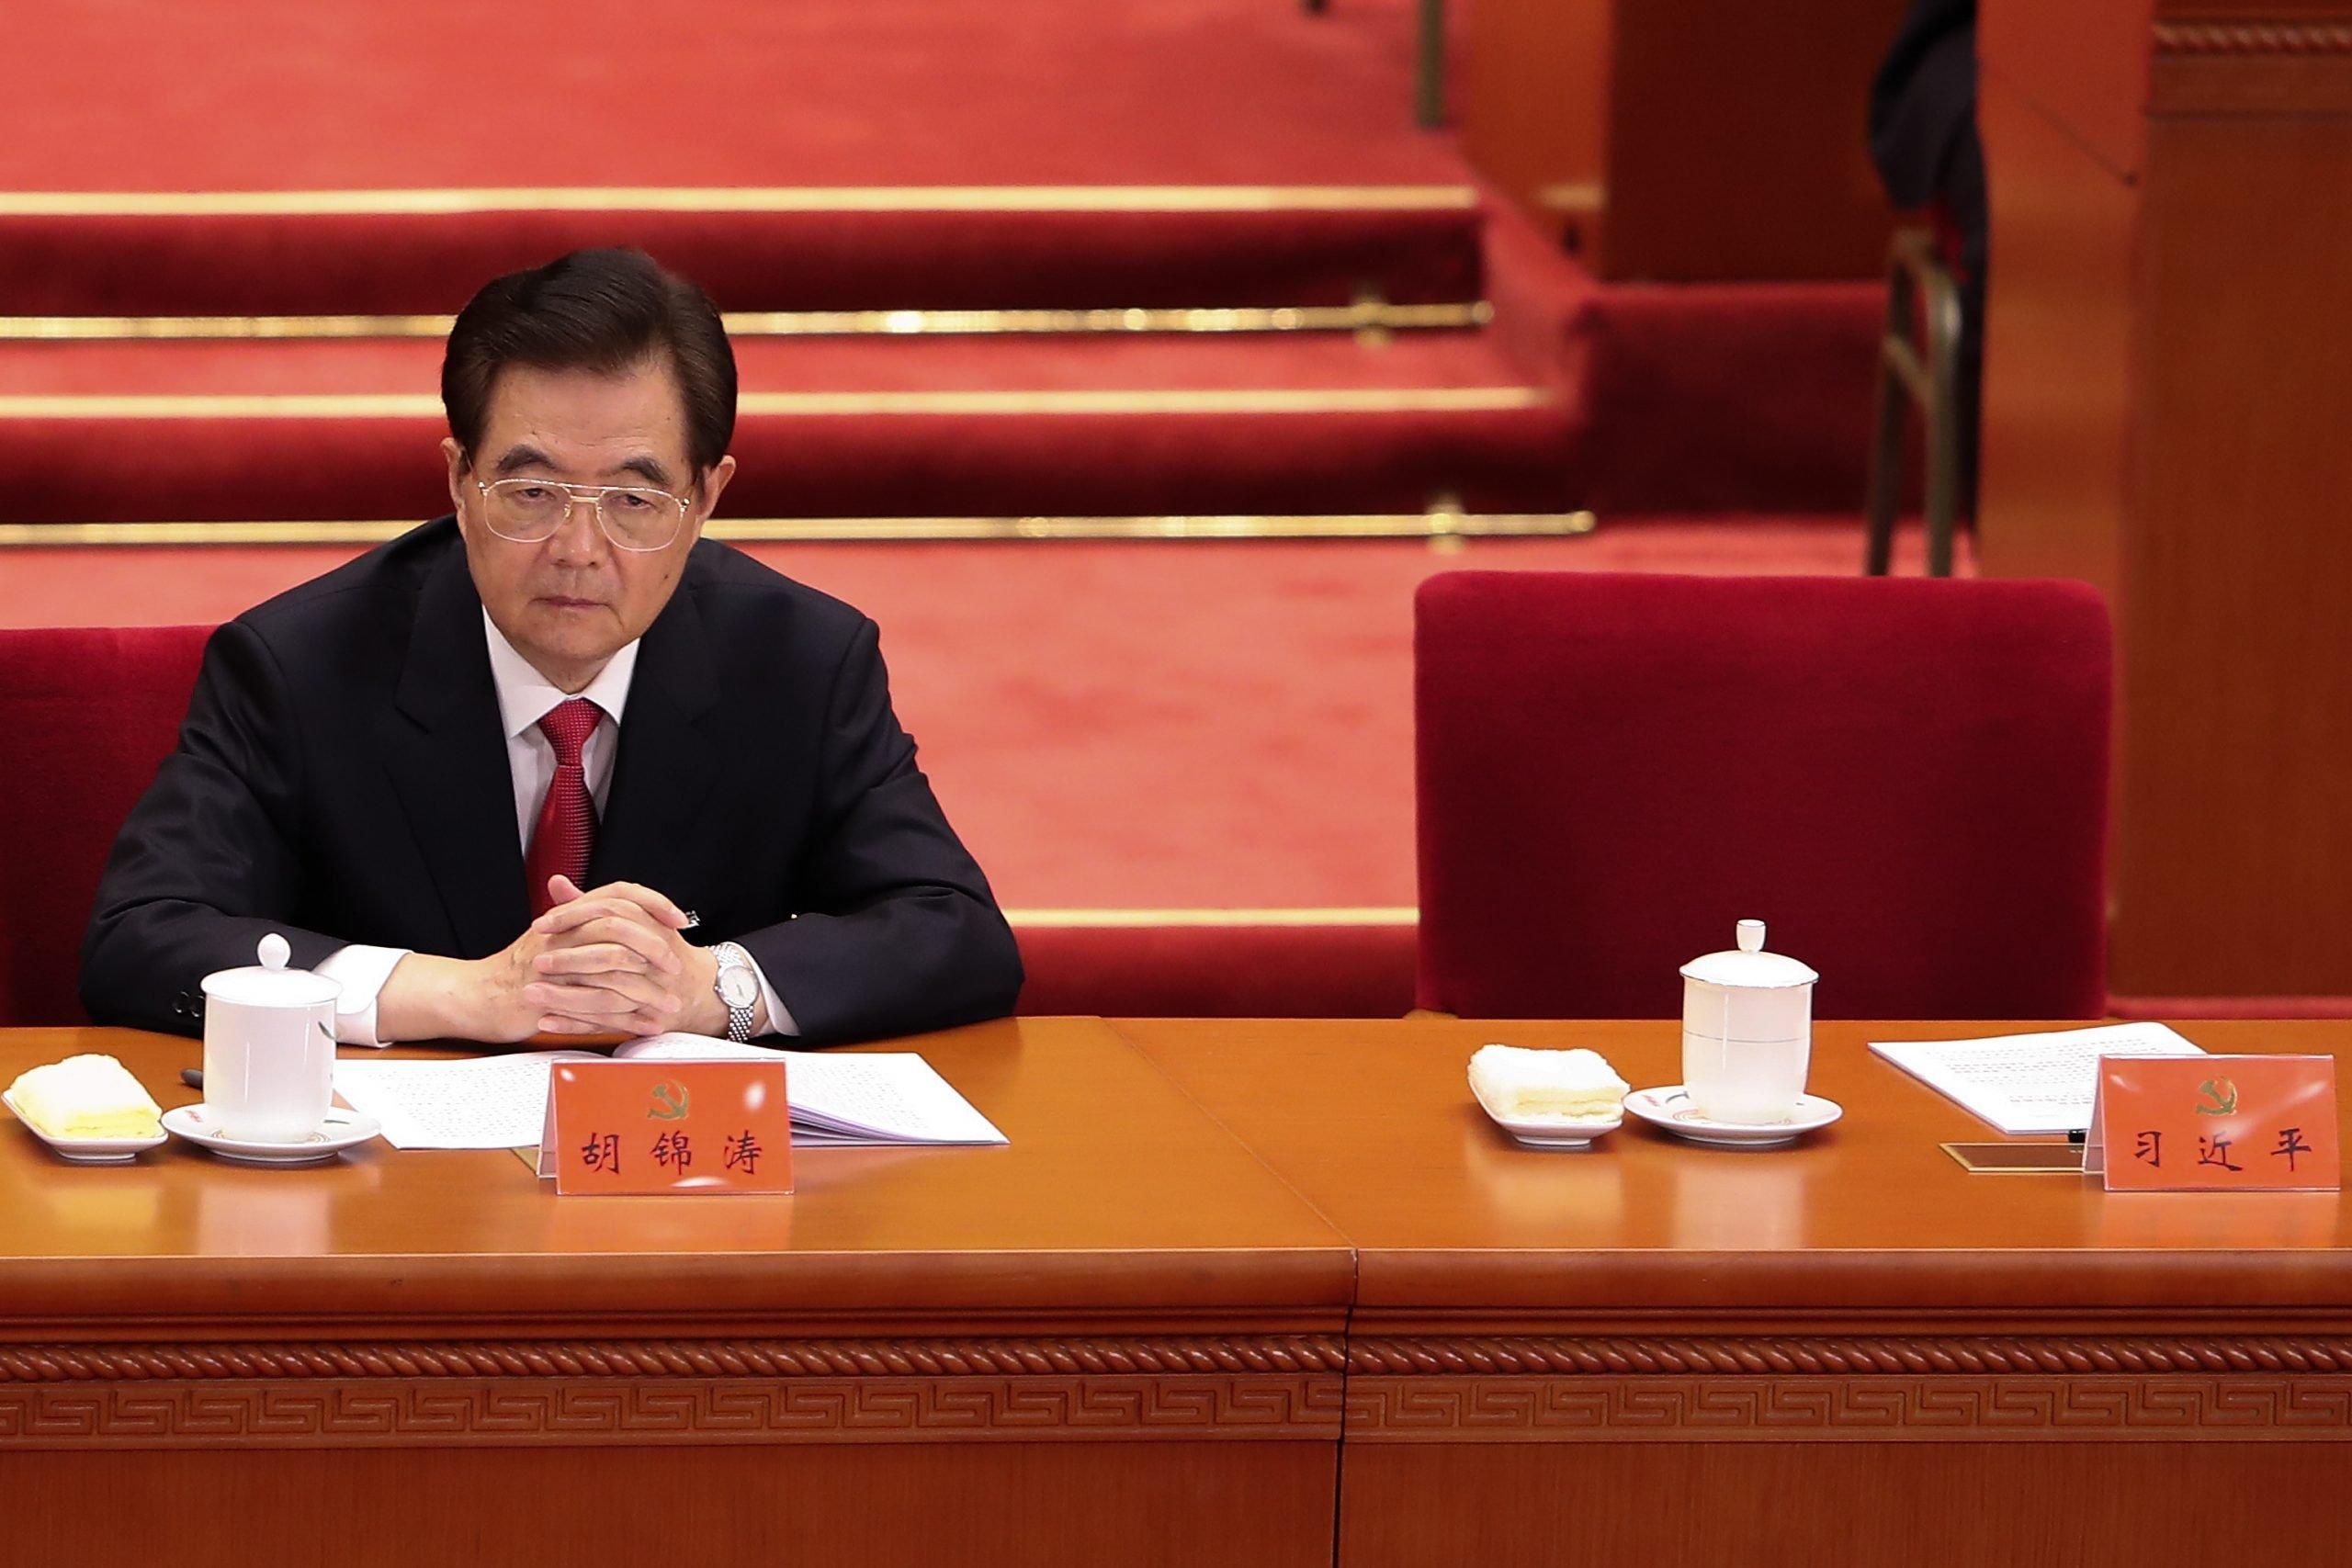 夏小強:胡錦濤出席APEC會議牽出江澤民賣國